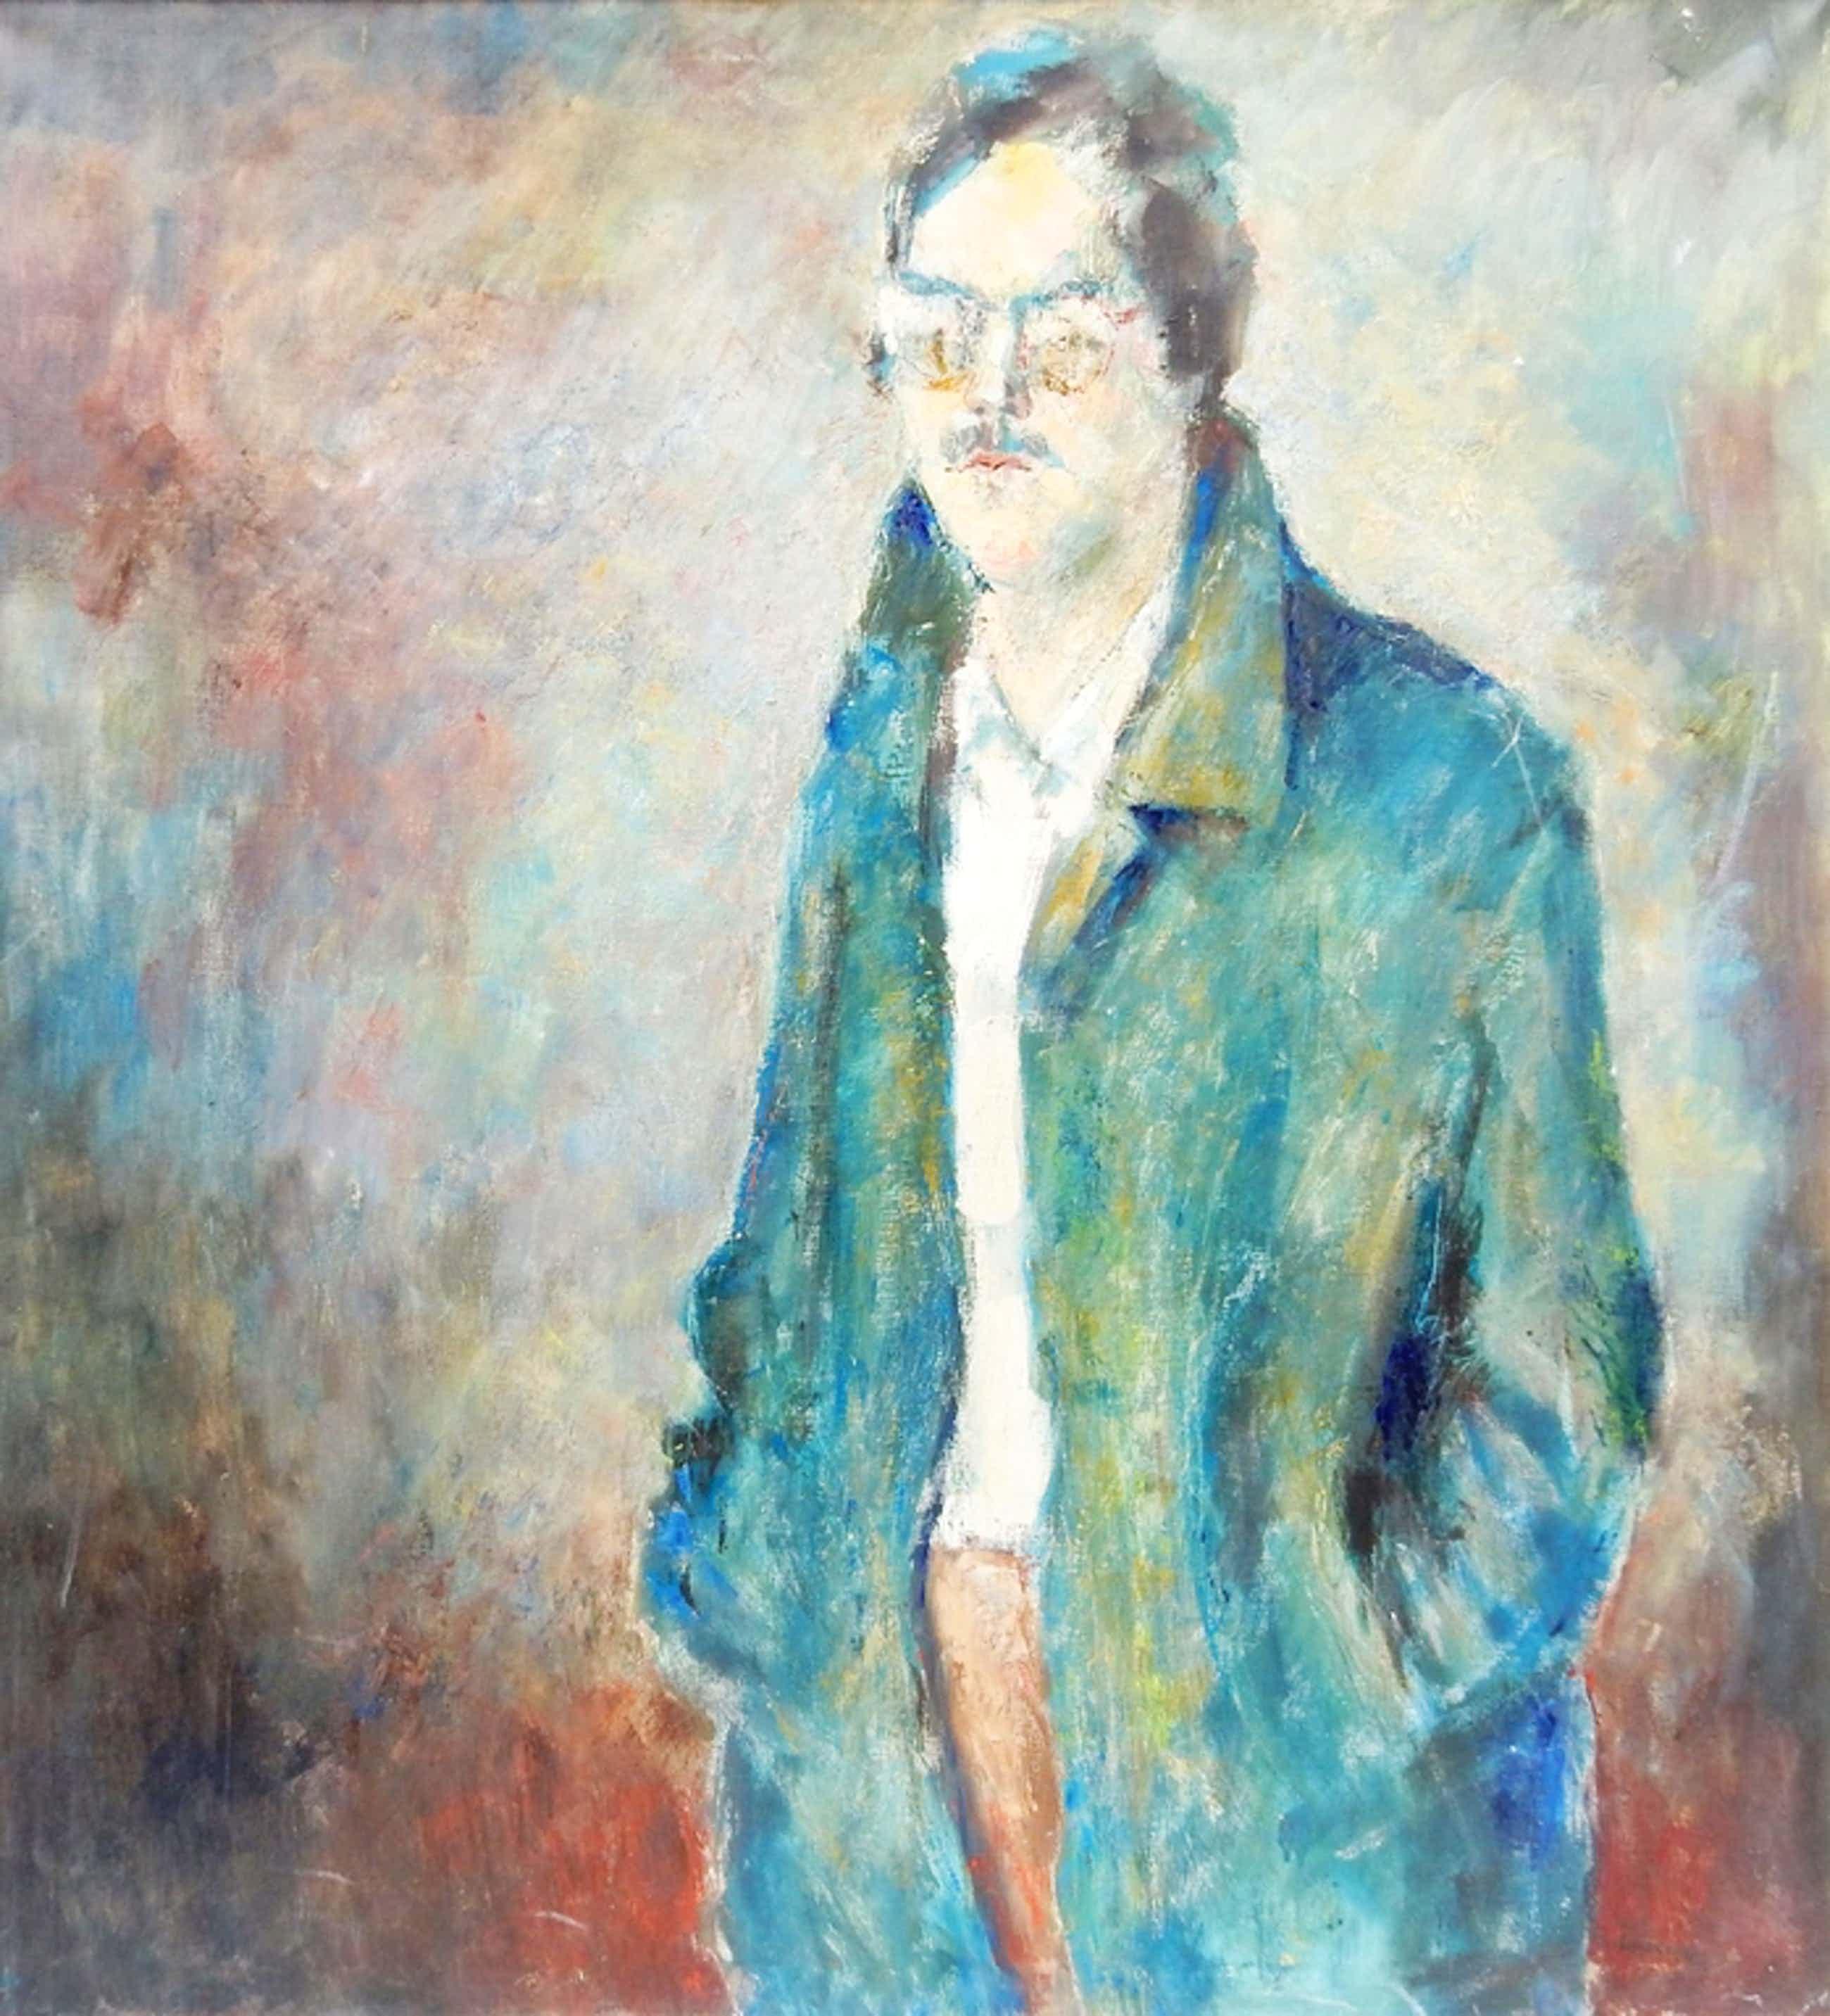 Lucas van der Pol (1935-2014) - Portret - Olie op doek  kopen? Bied vanaf 75!